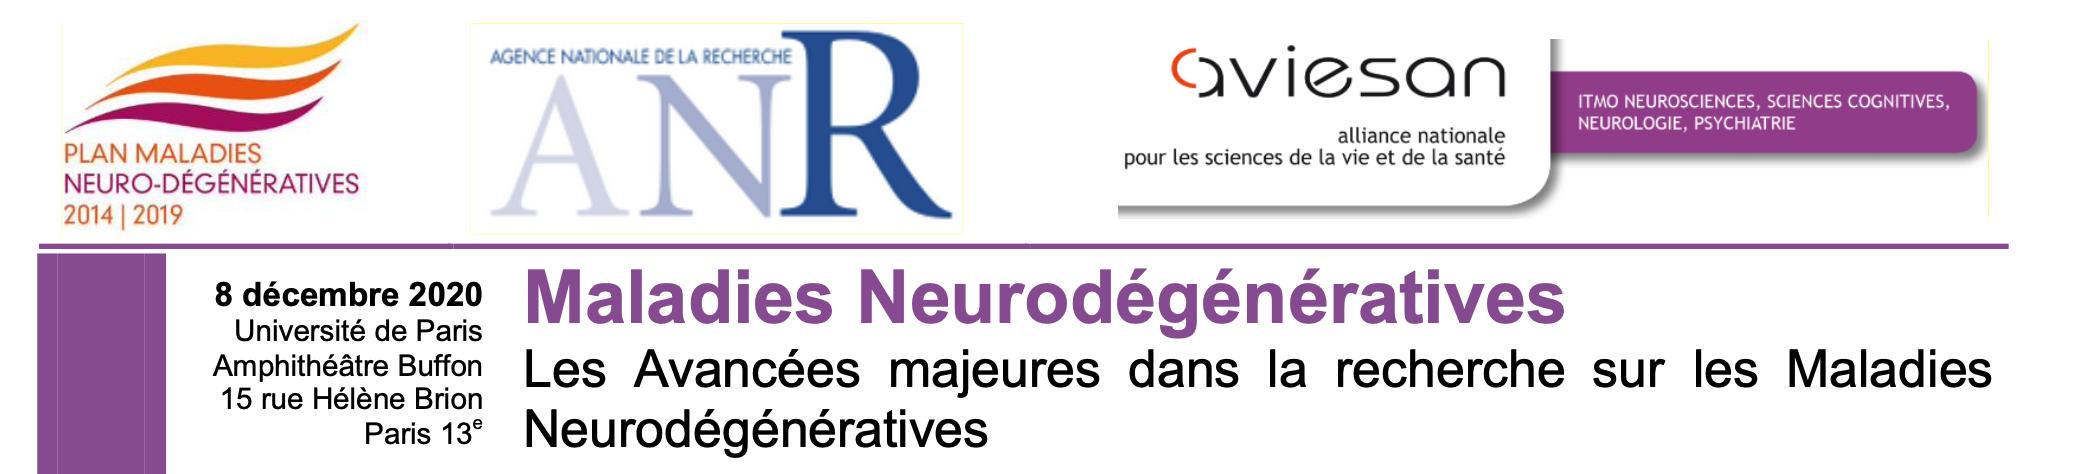 Les Maladies Neurodégénératives